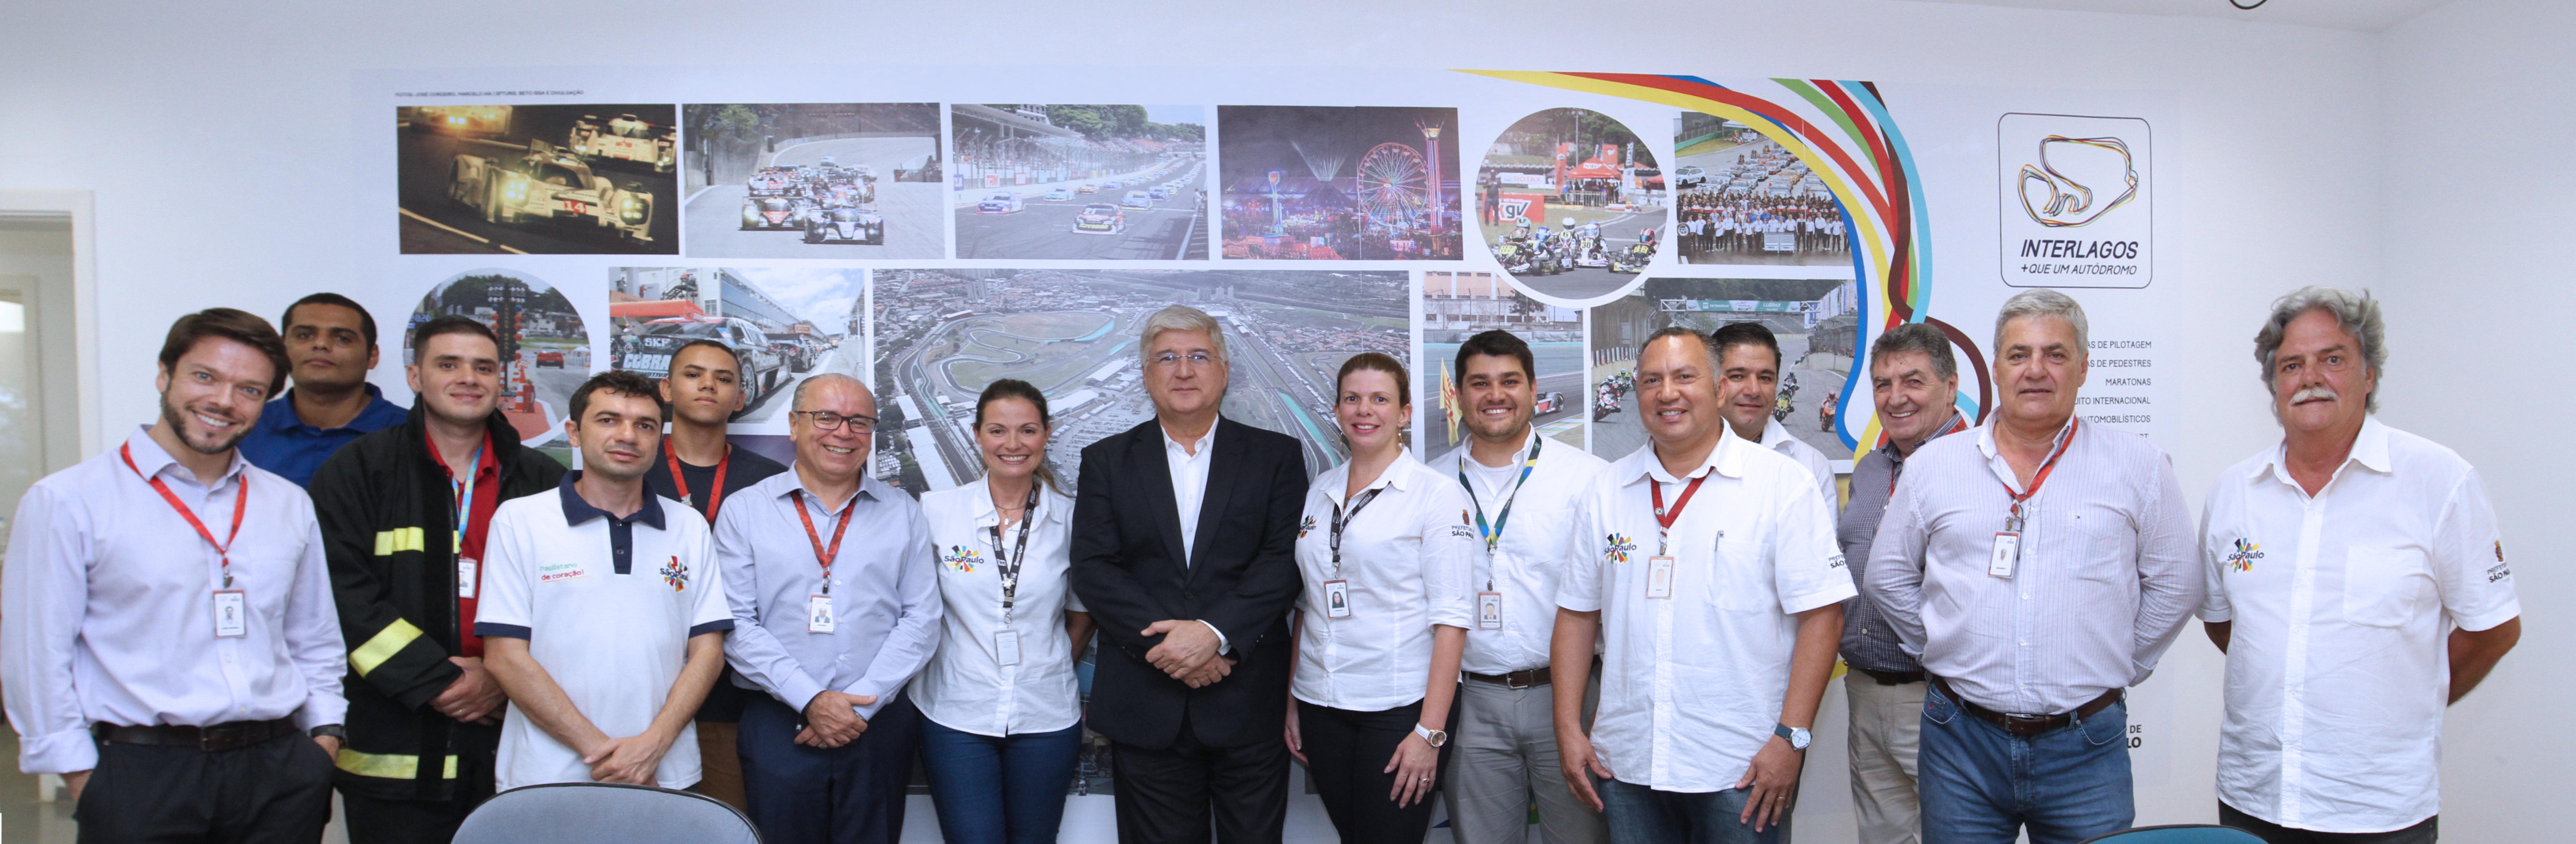 Reunião com o novo presidente David Barioni. Foto: Jose Cordeiro/SPTuris